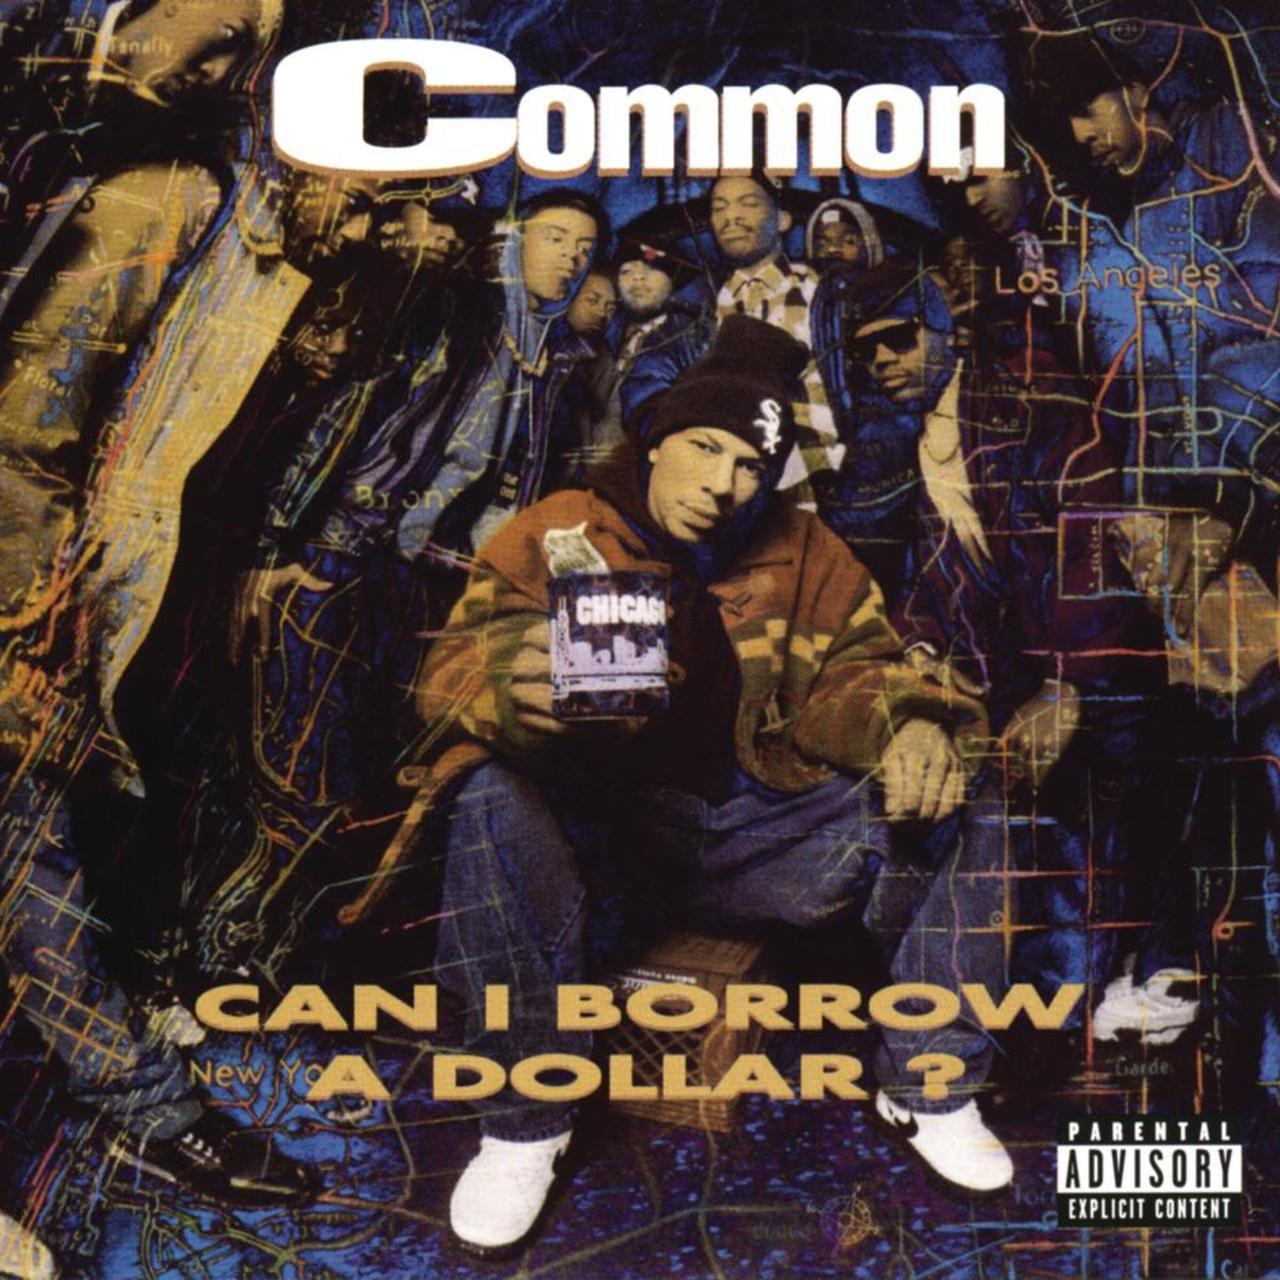 COMMON | 'Can I Borrow A Dollar?' 2xLP